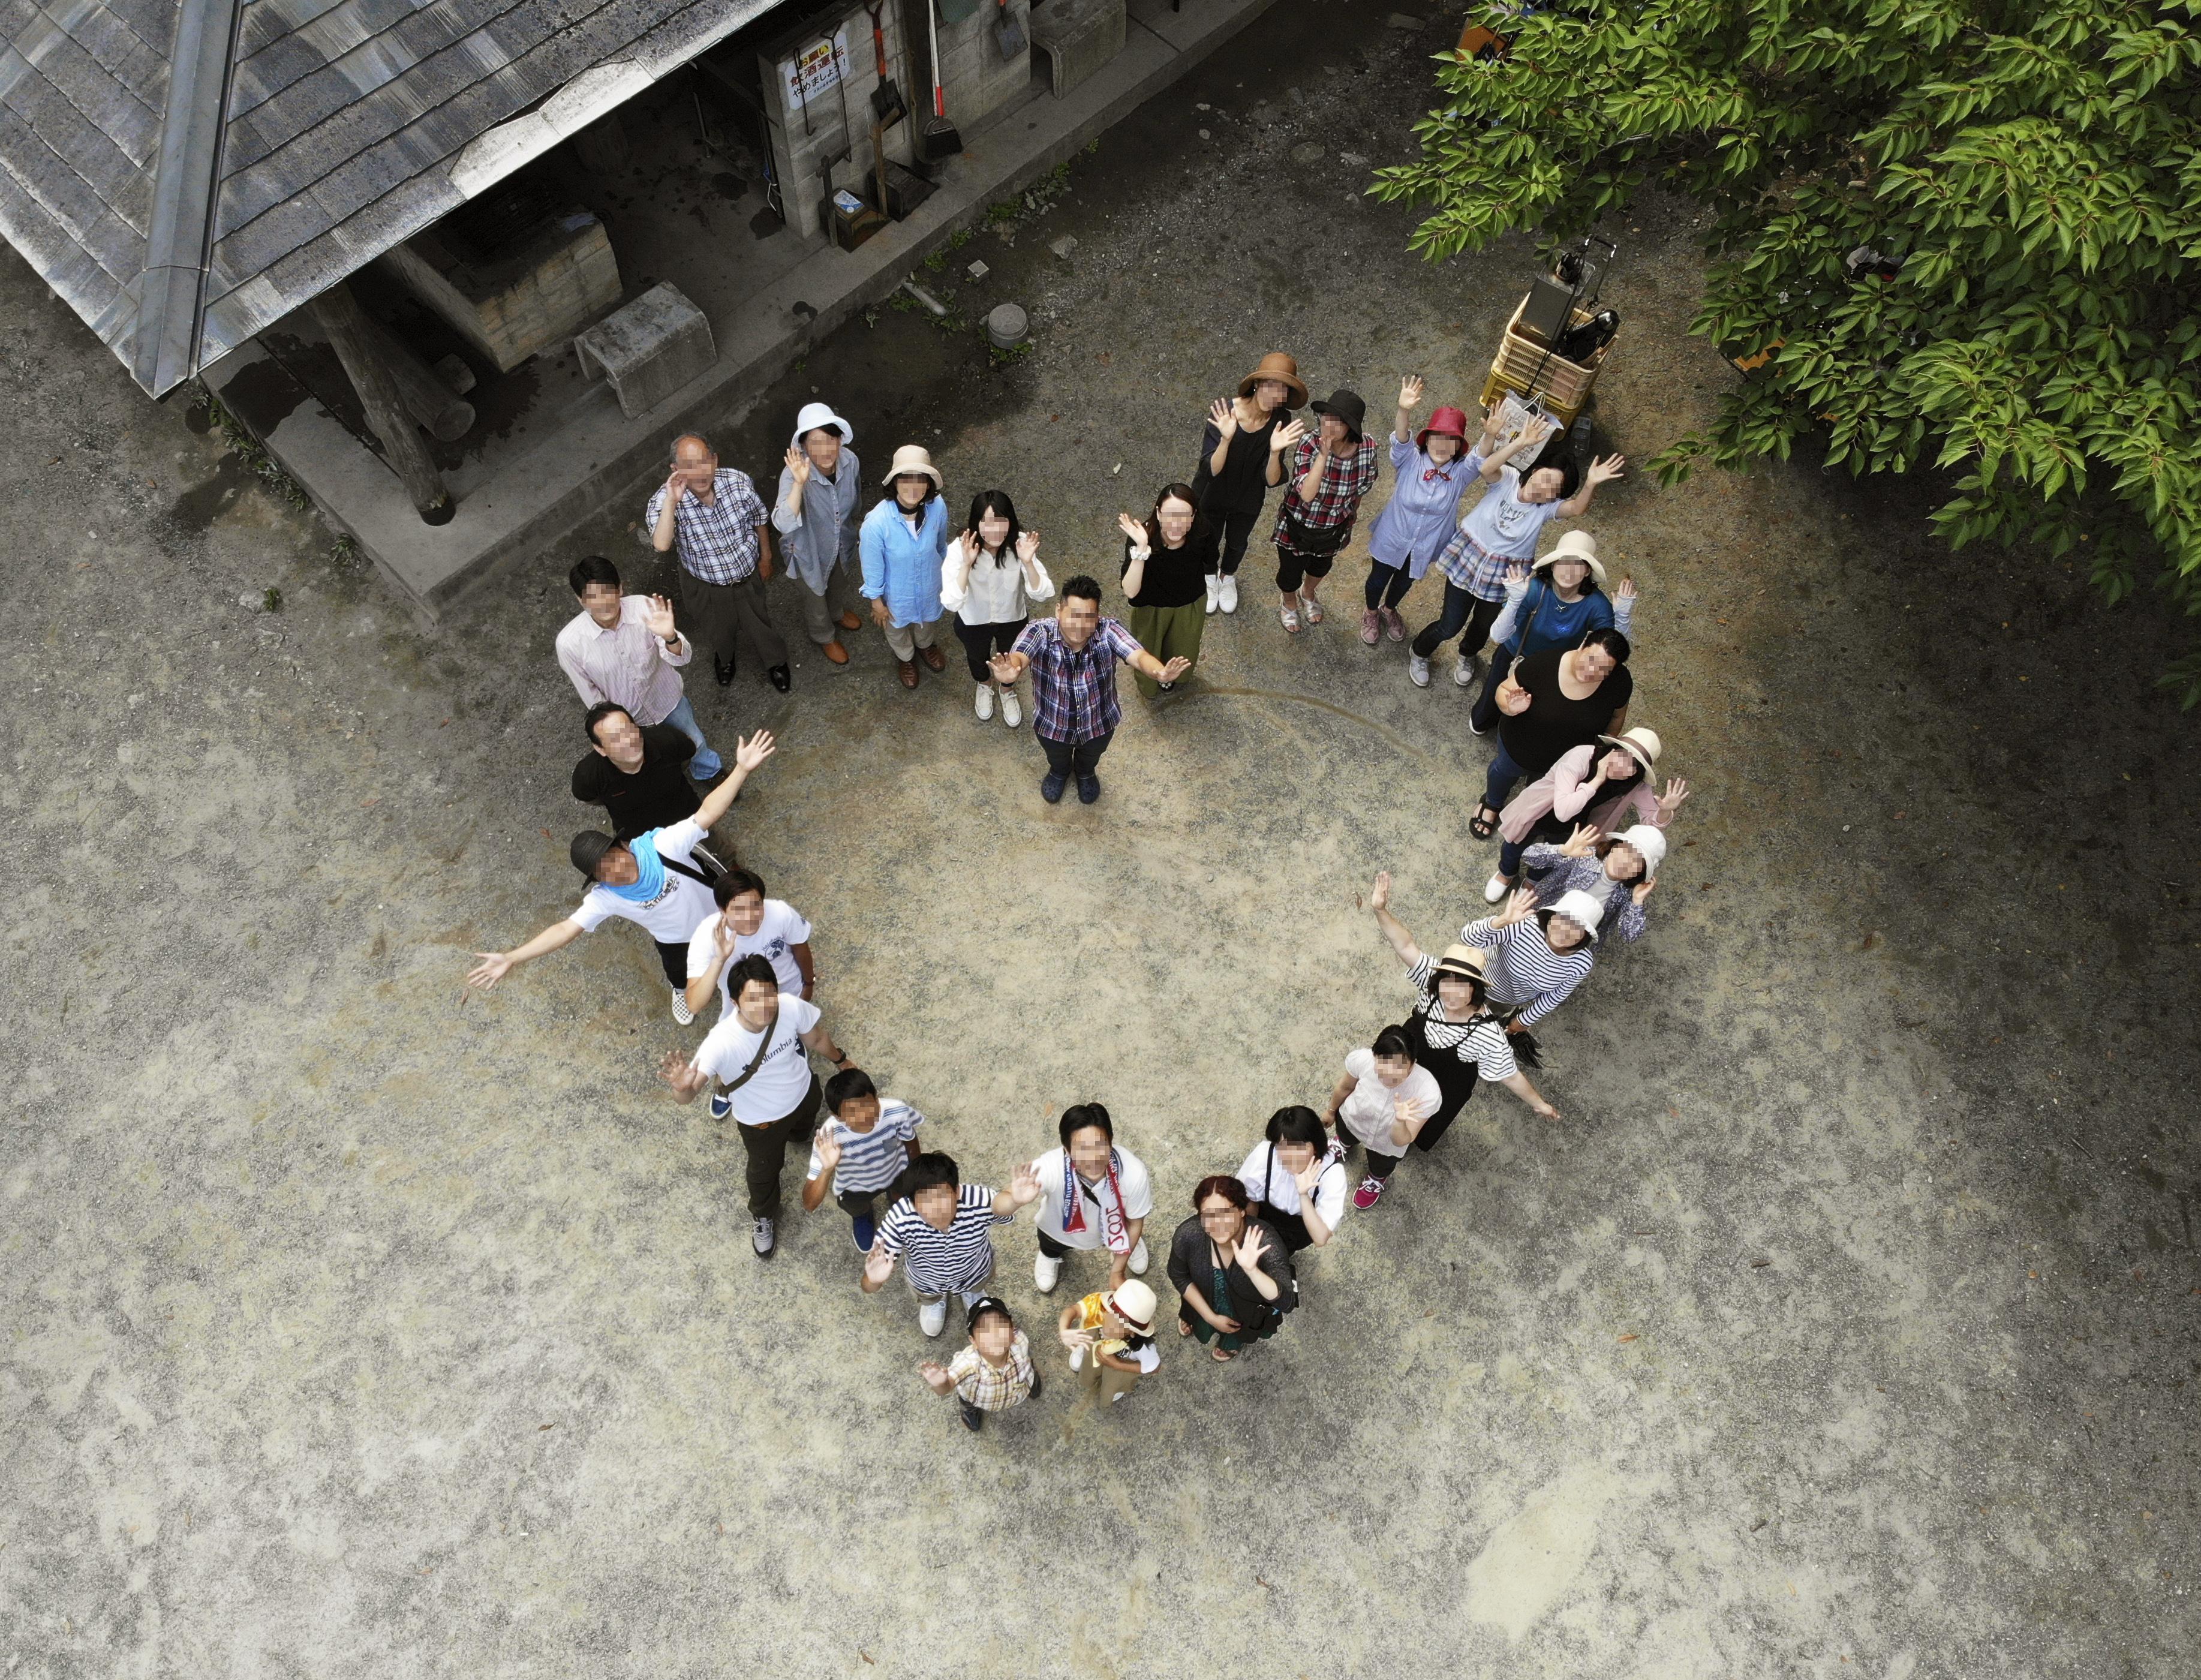 九州の出張撮影は、井下良治写真事務所にお任せ。